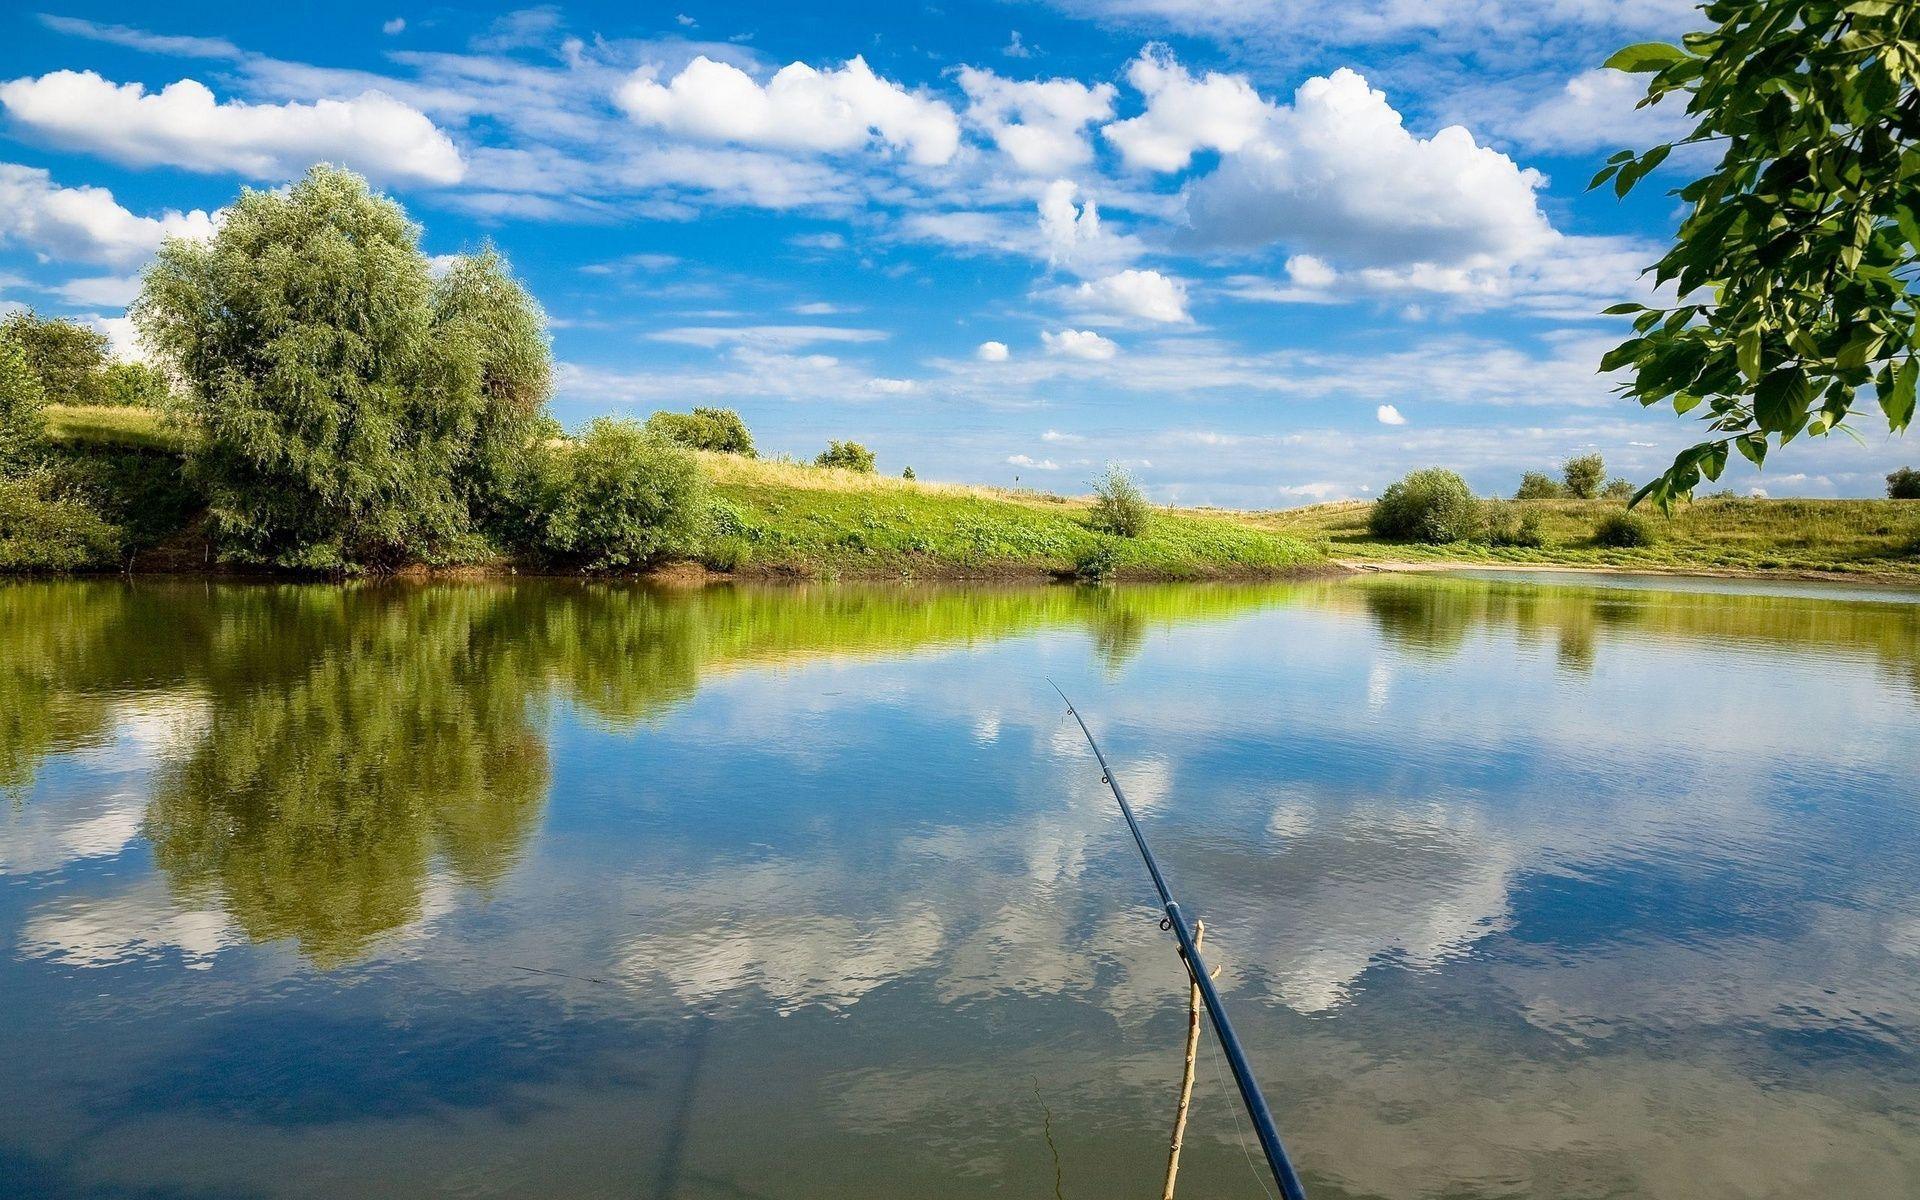 Fishing Desktop Wallpapers Top Free Fishing Desktop